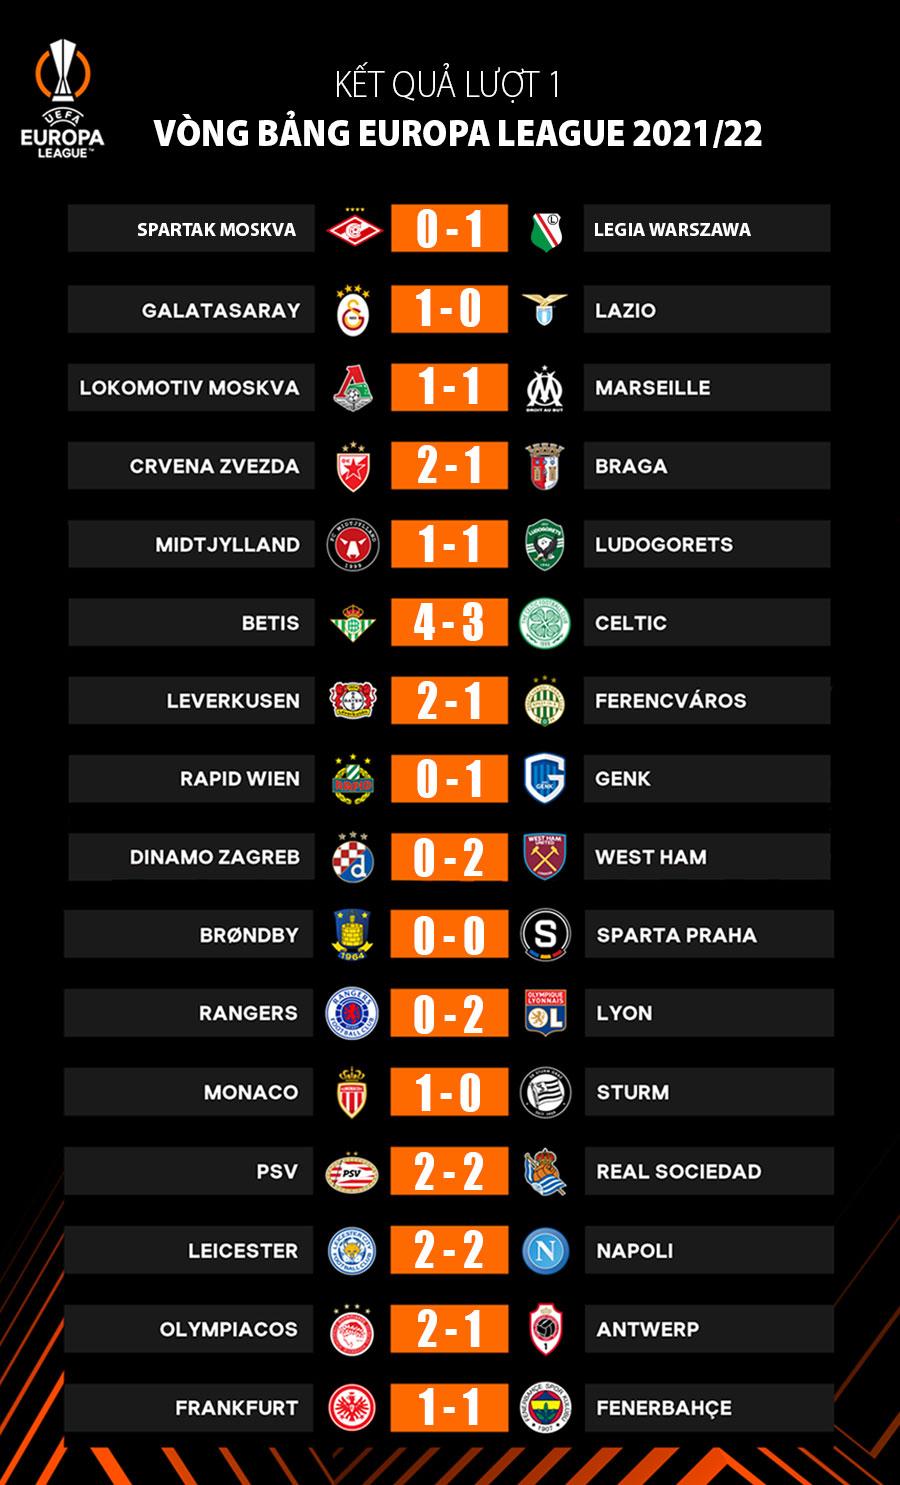 Kết quả lượt 1 vòng bảng Europa League